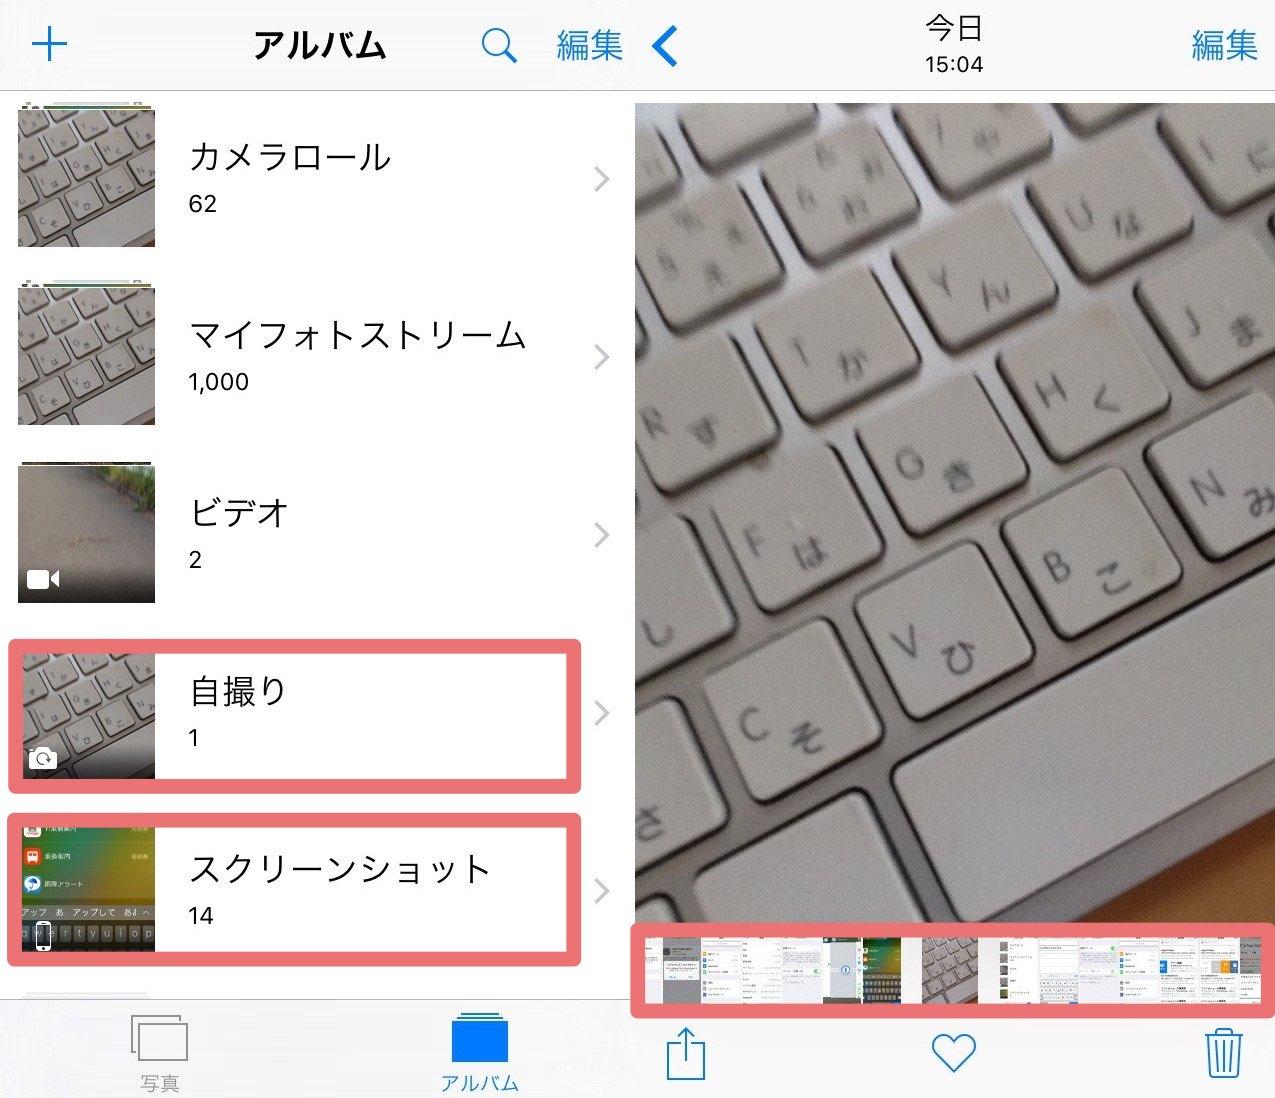 IOS9 newfunction 03